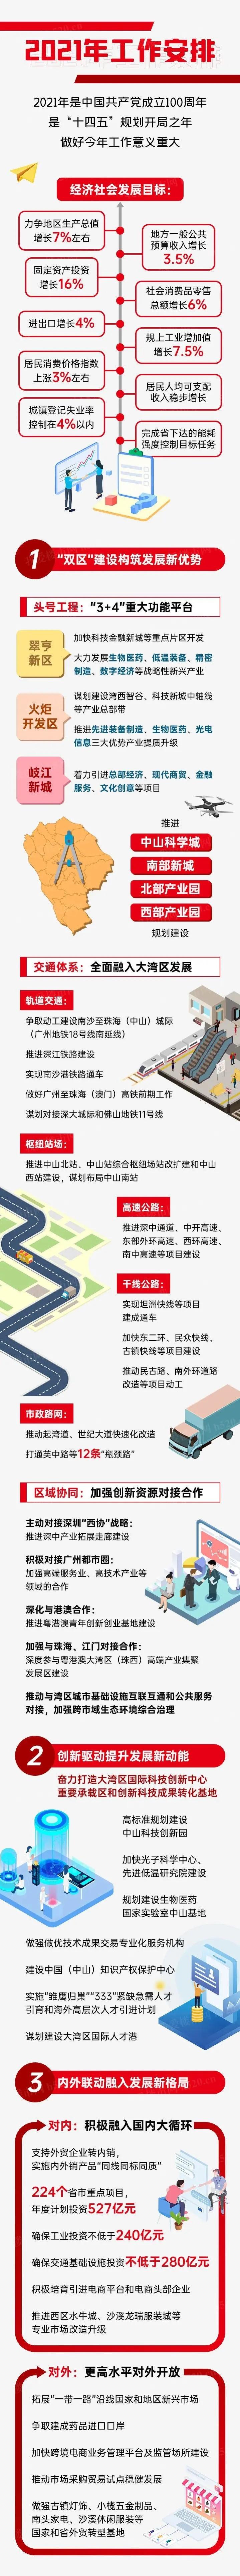 2021年中山城市规划重点工作安排长图